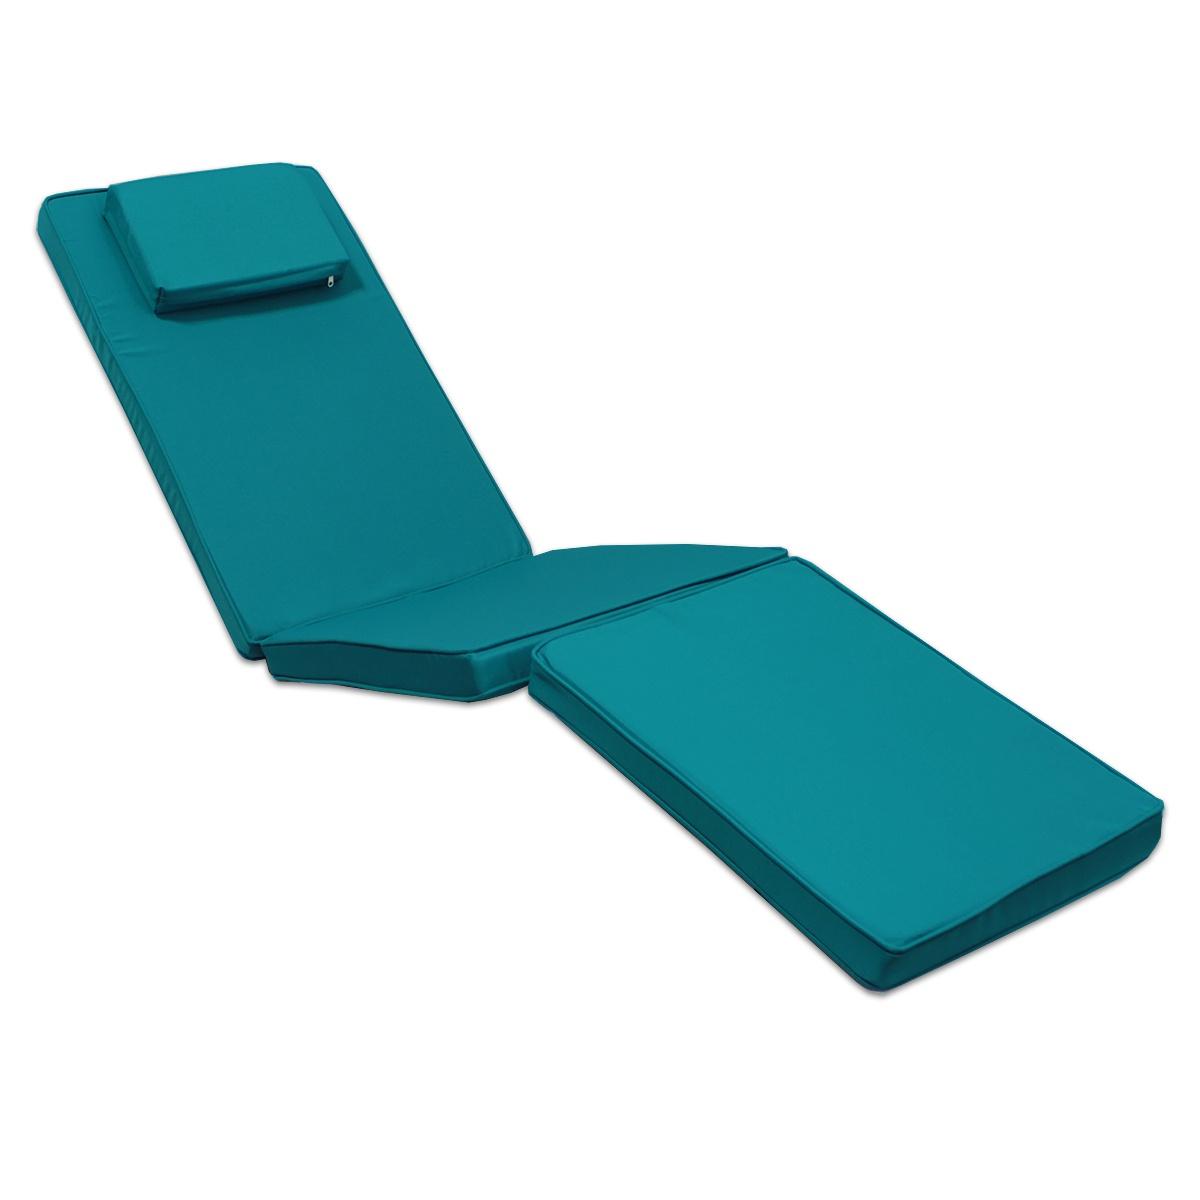 Matelas bleu canard pour chaise longue